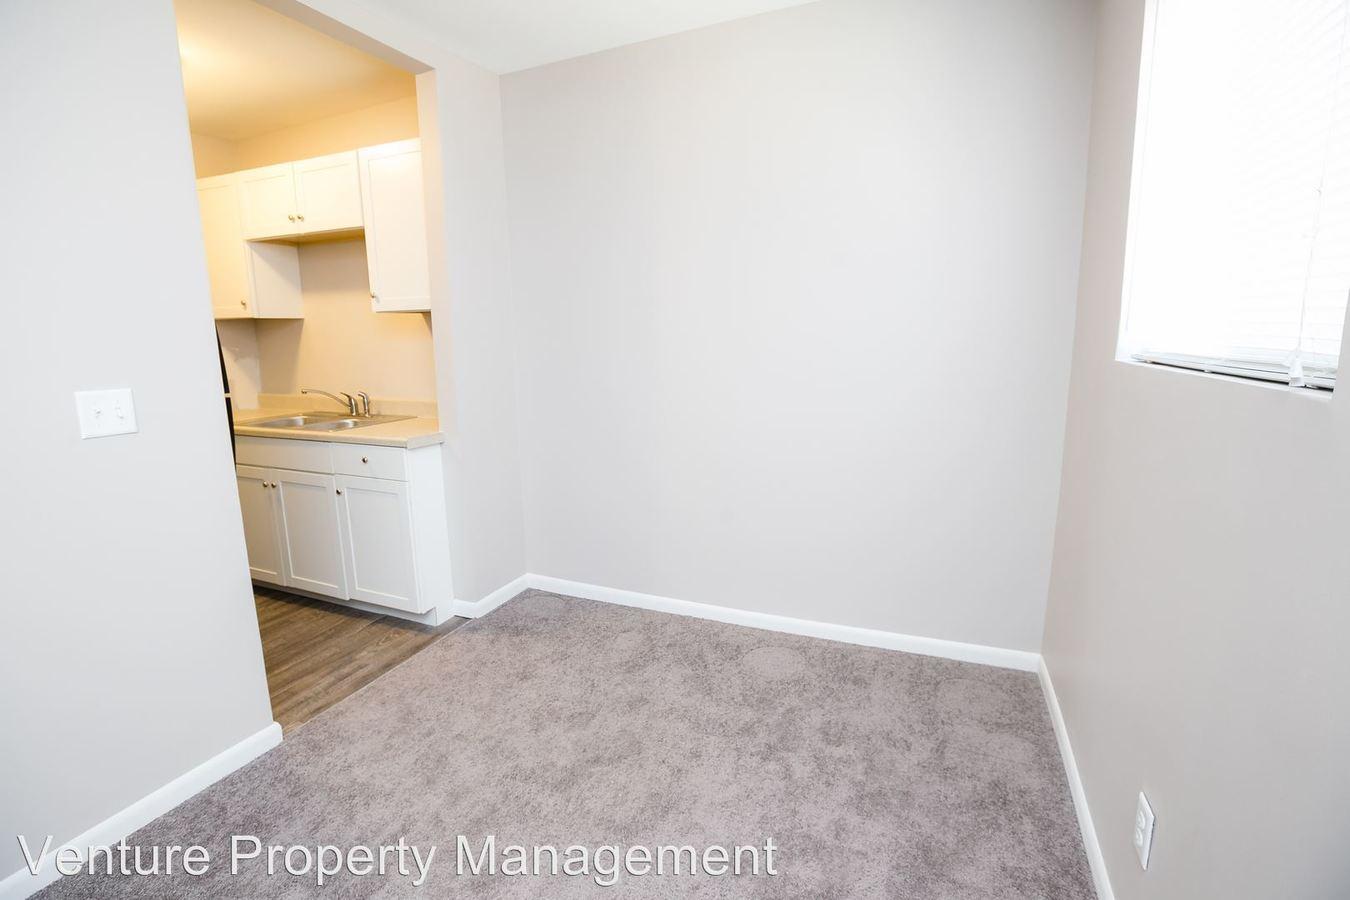 2 Bedrooms 1 Bathroom Apartment for rent at 2156-2175 Karla Drive in Cincinnati, OH